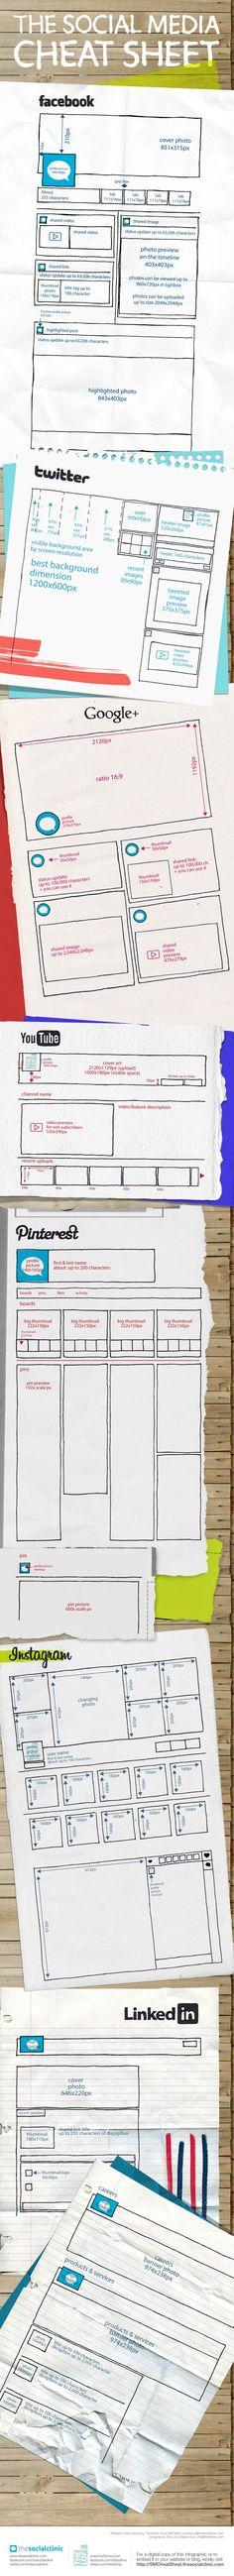 SocialMedia  -- Social Media Cheat Sheet for Image Sizes on Facebook, Twitter, G+, Pinterest, YouTube, LinkedIn